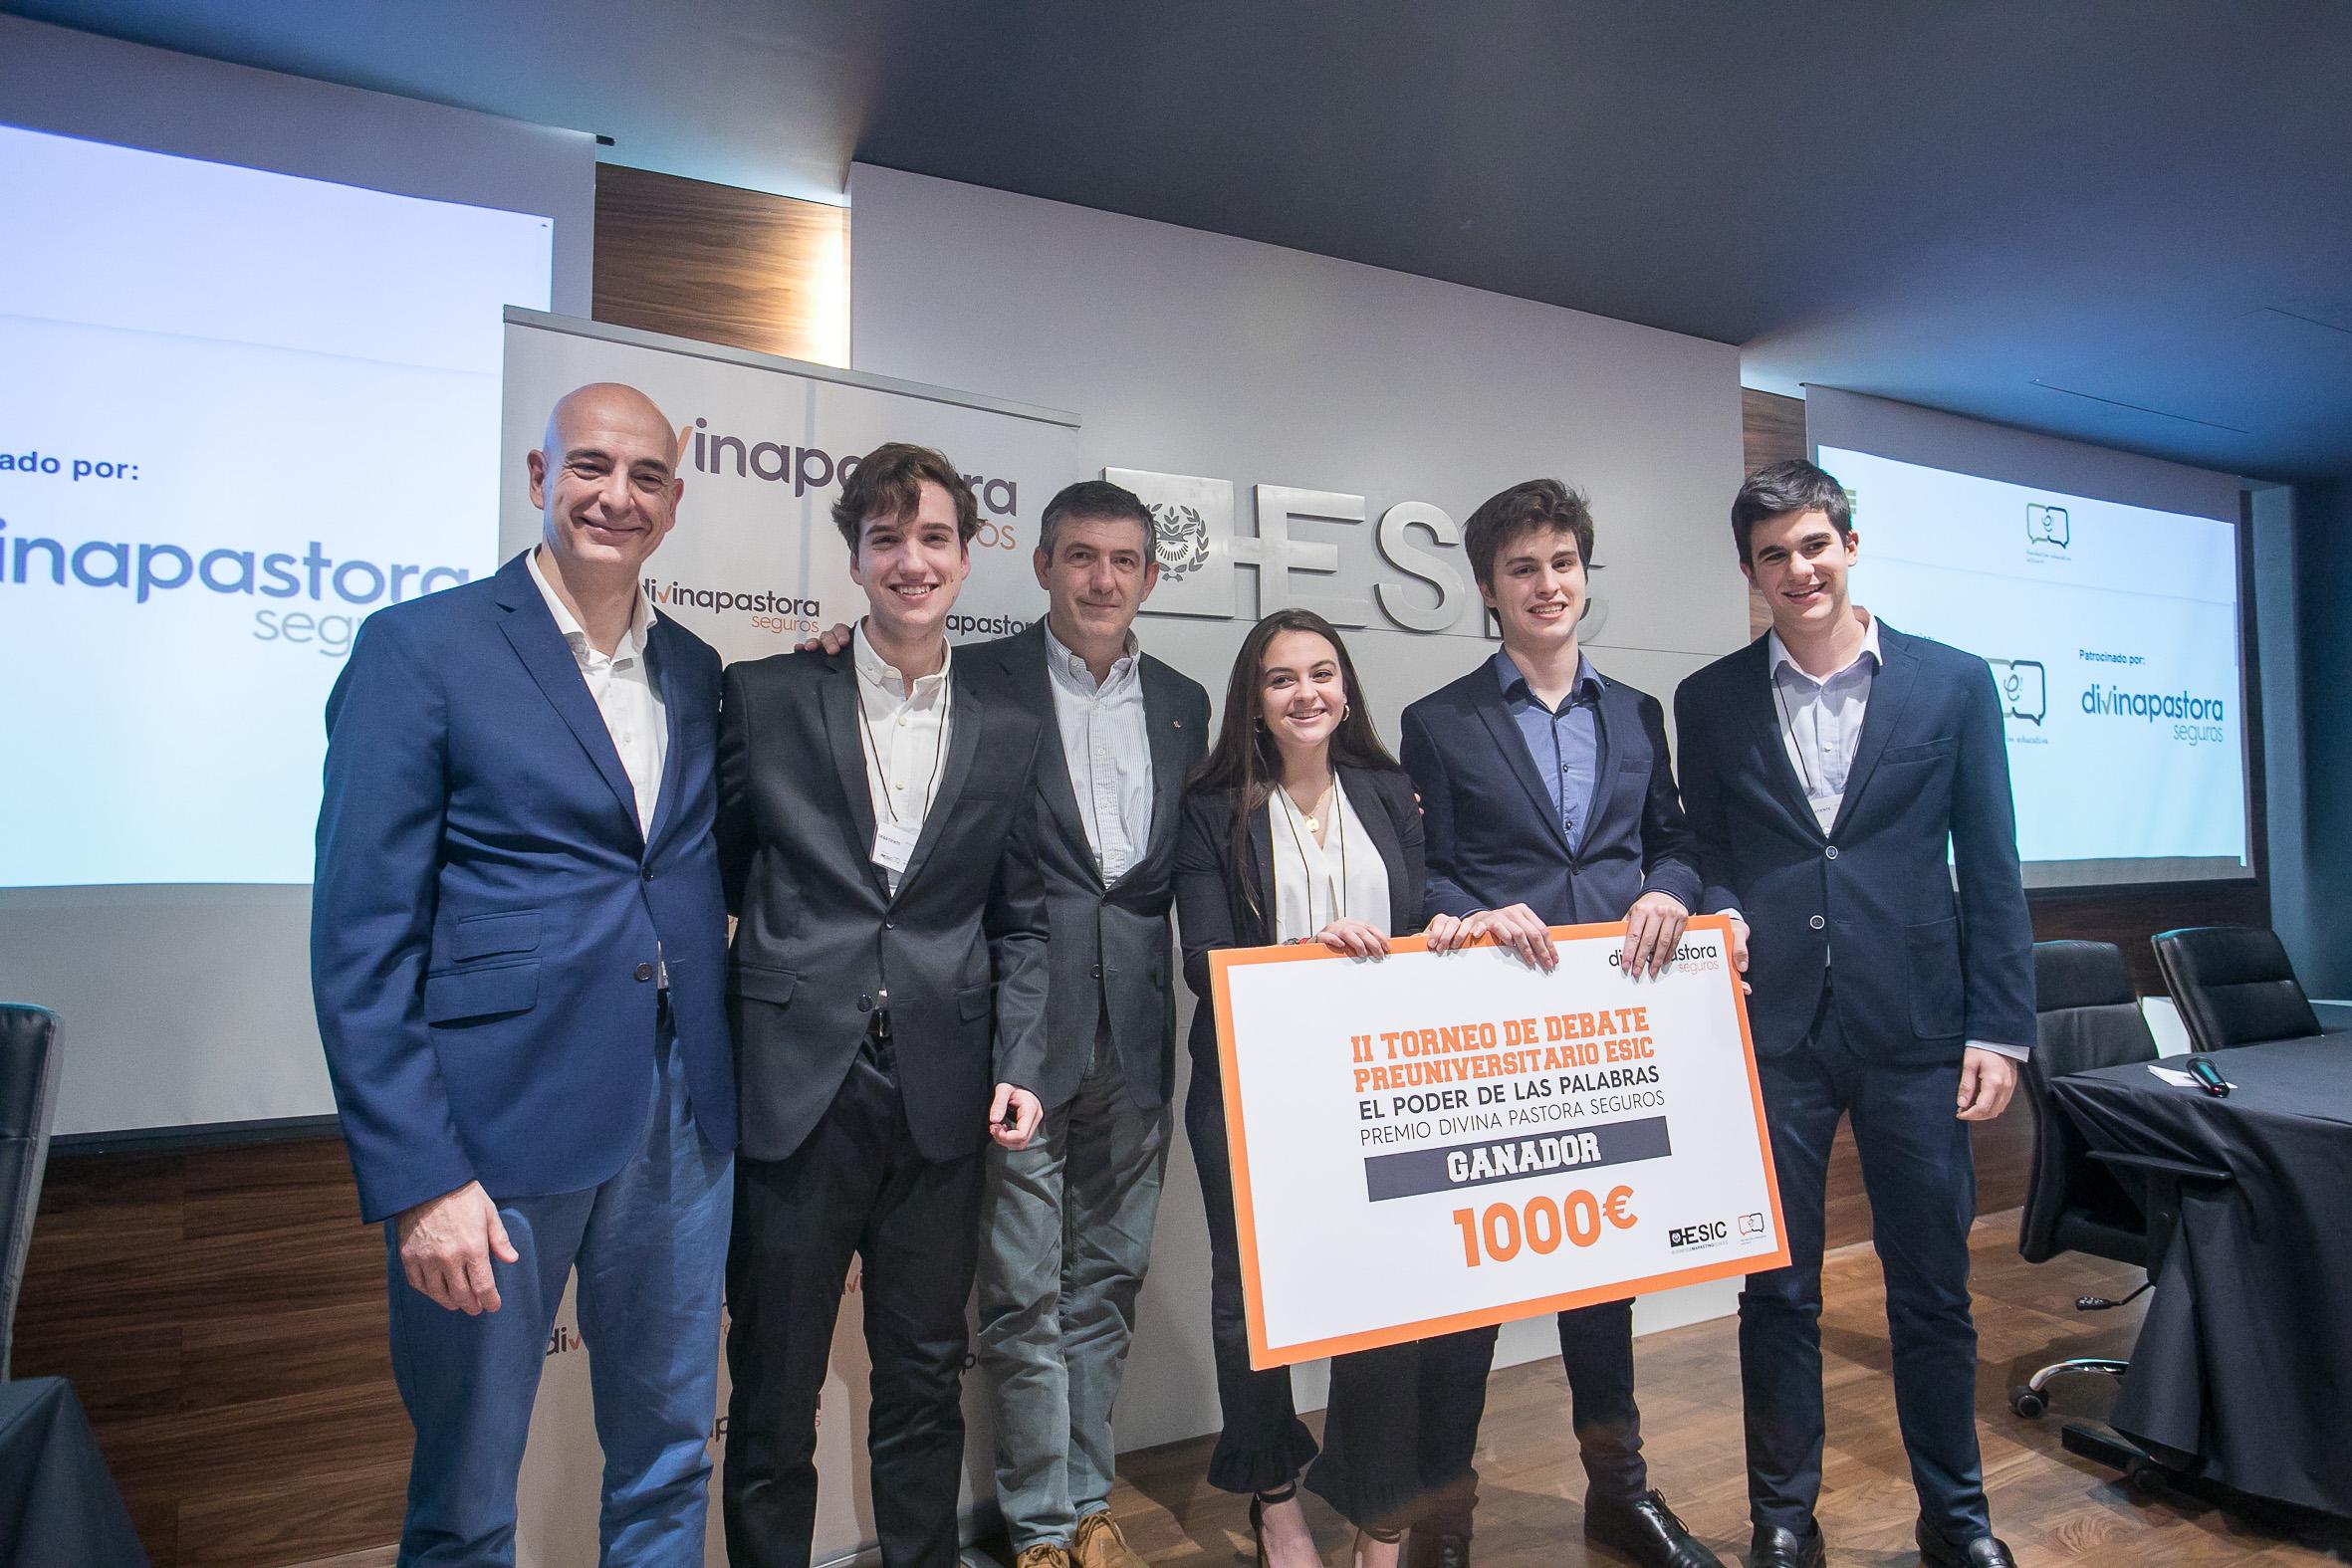 Ganadores del II Torneo de Debate Preuniversitario